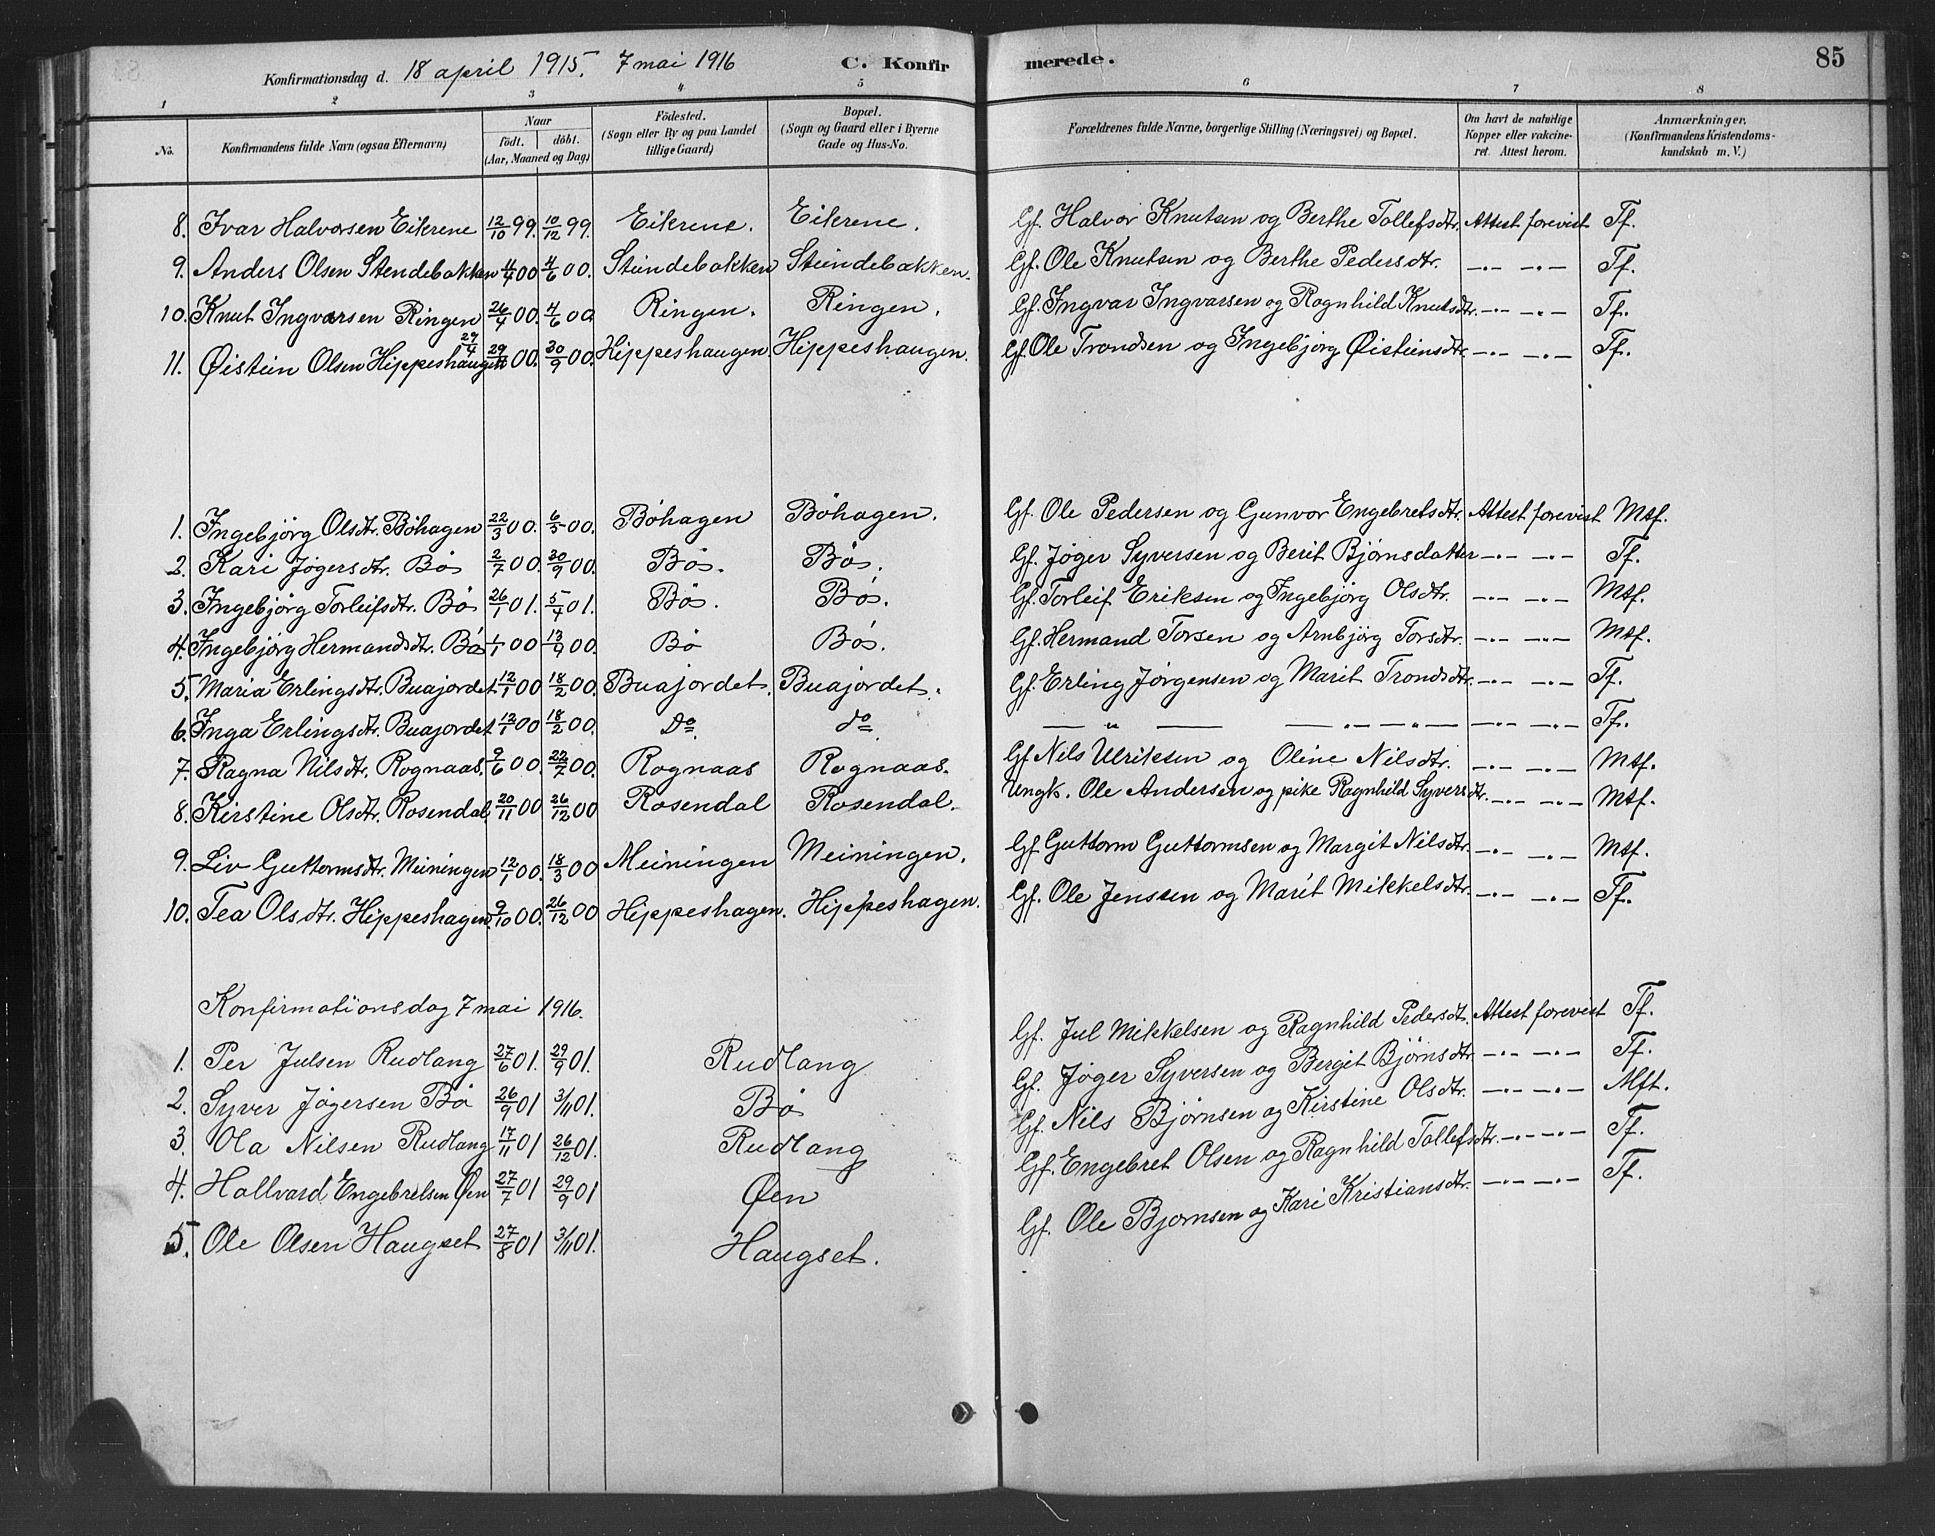 SAH, Nord-Aurdal prestekontor, Klokkerbok nr. 8, 1883-1916, s. 85